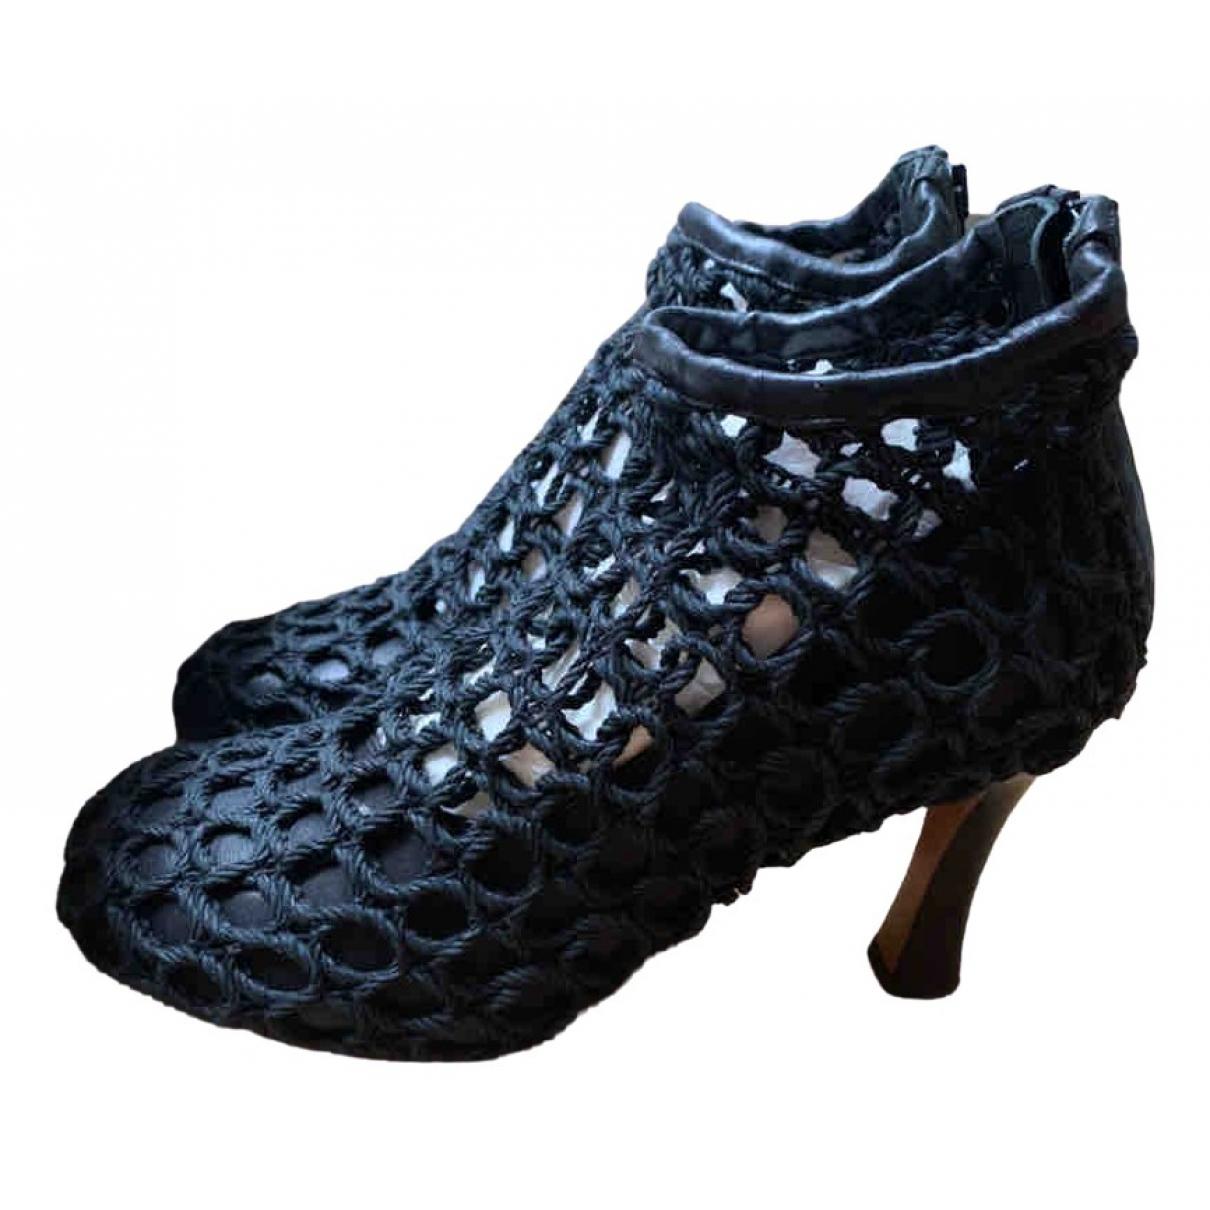 Celine - Boots   pour femme en toile - noir